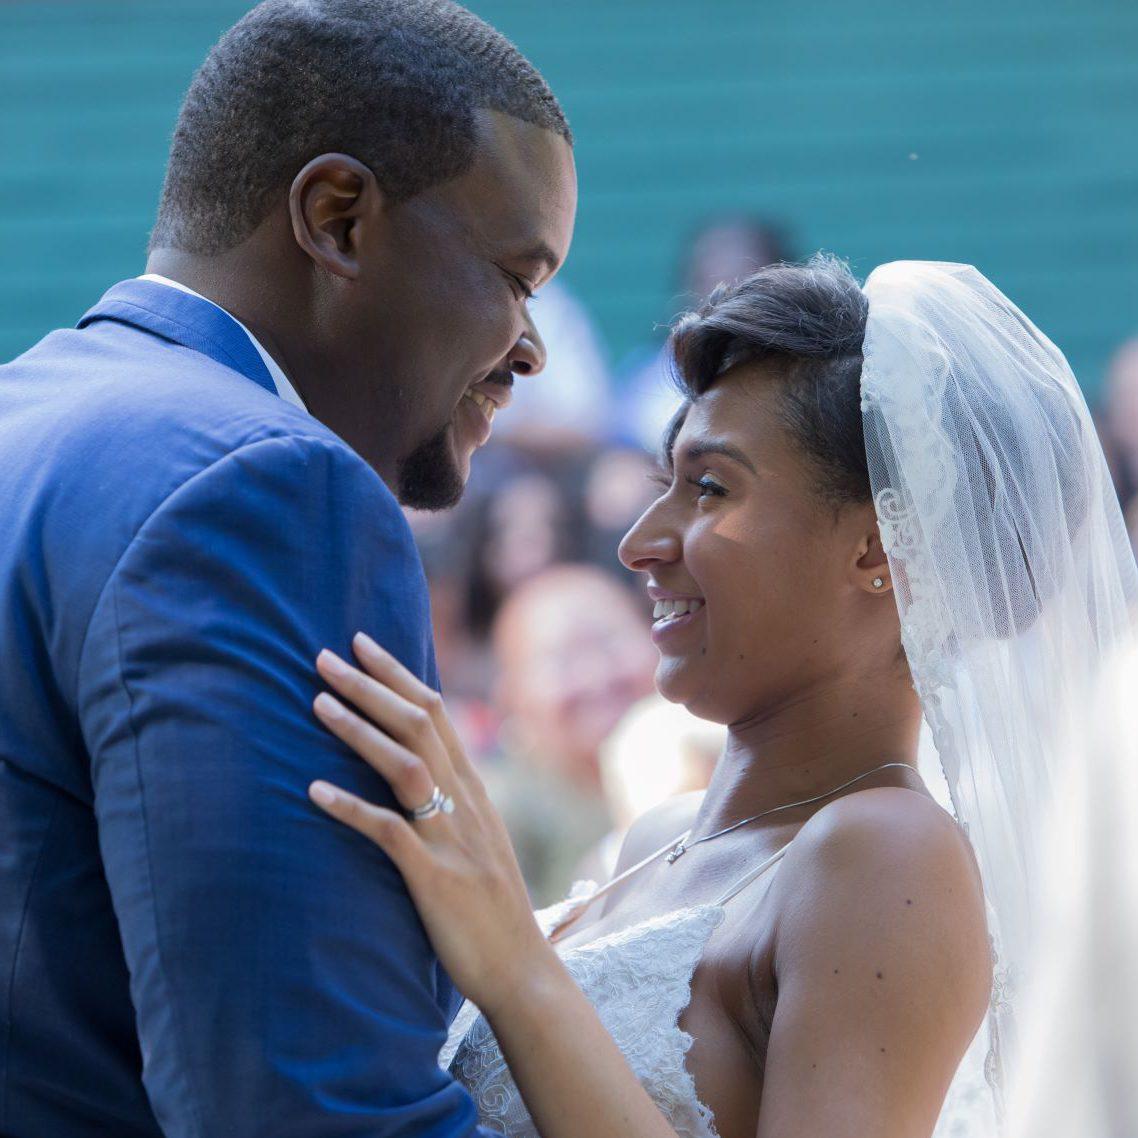 Bride hugs groom and smiles